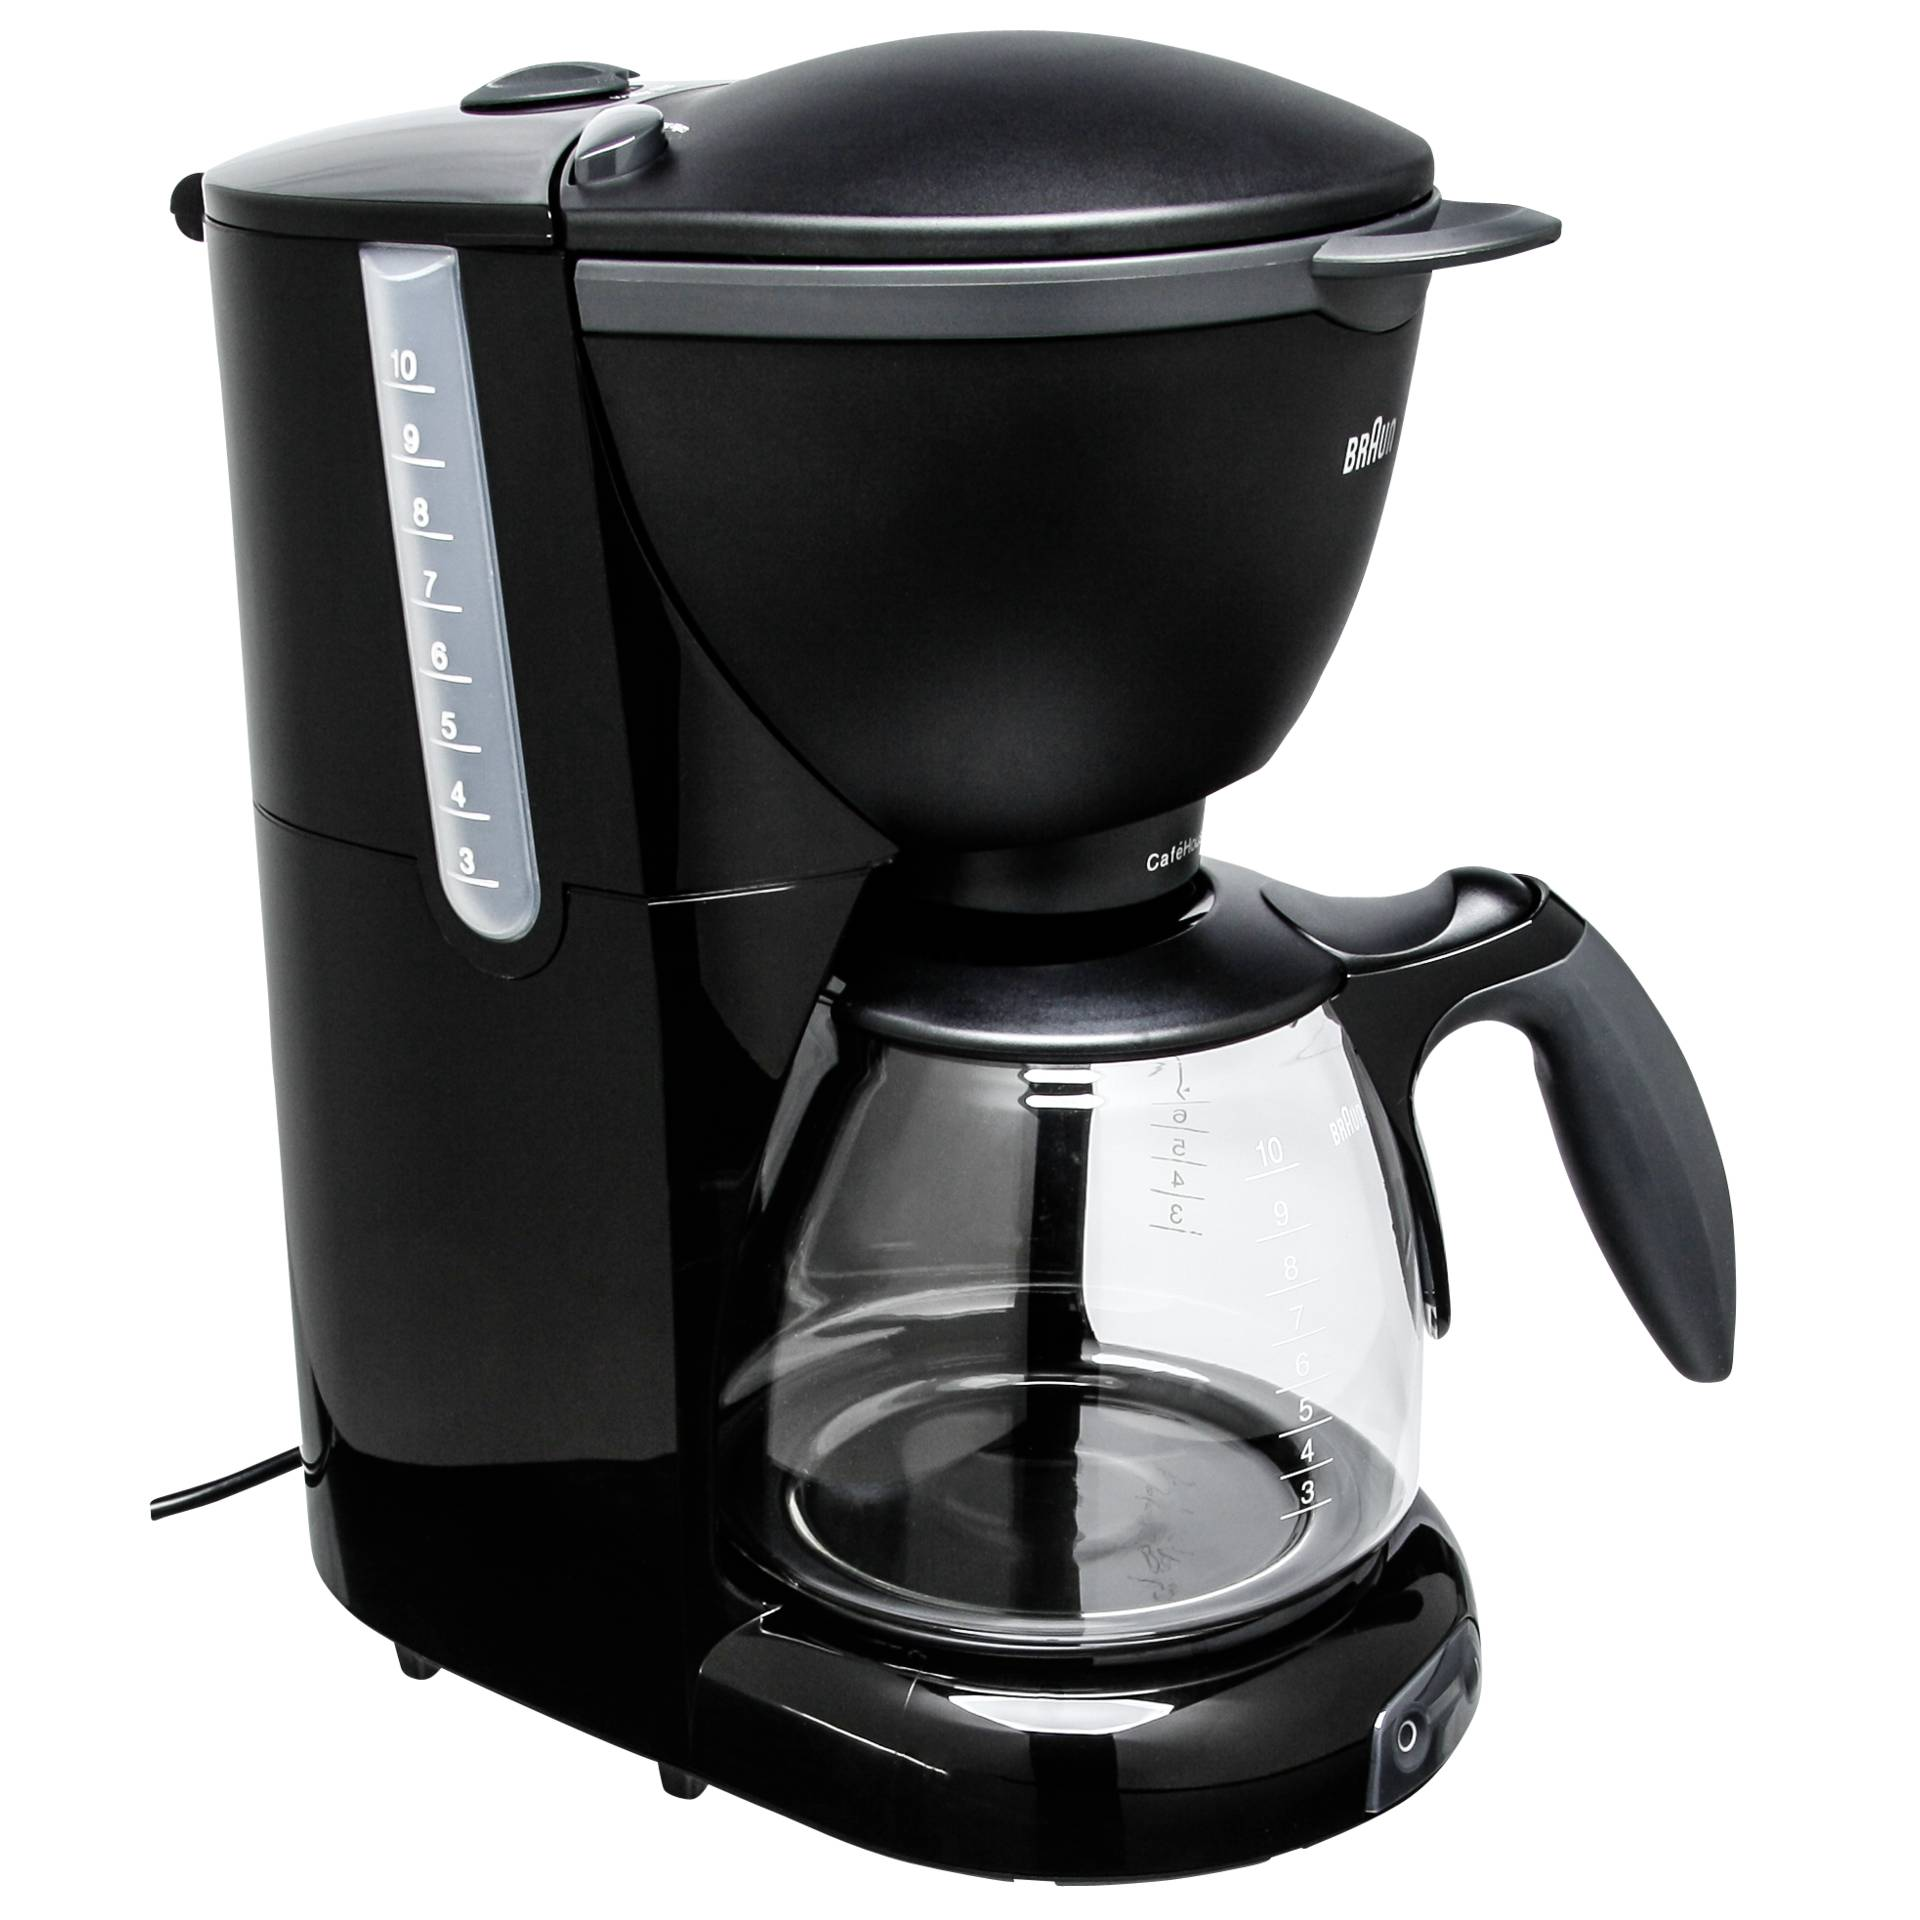 Braun KF 560/1 PurAroma Plus CafeHouse